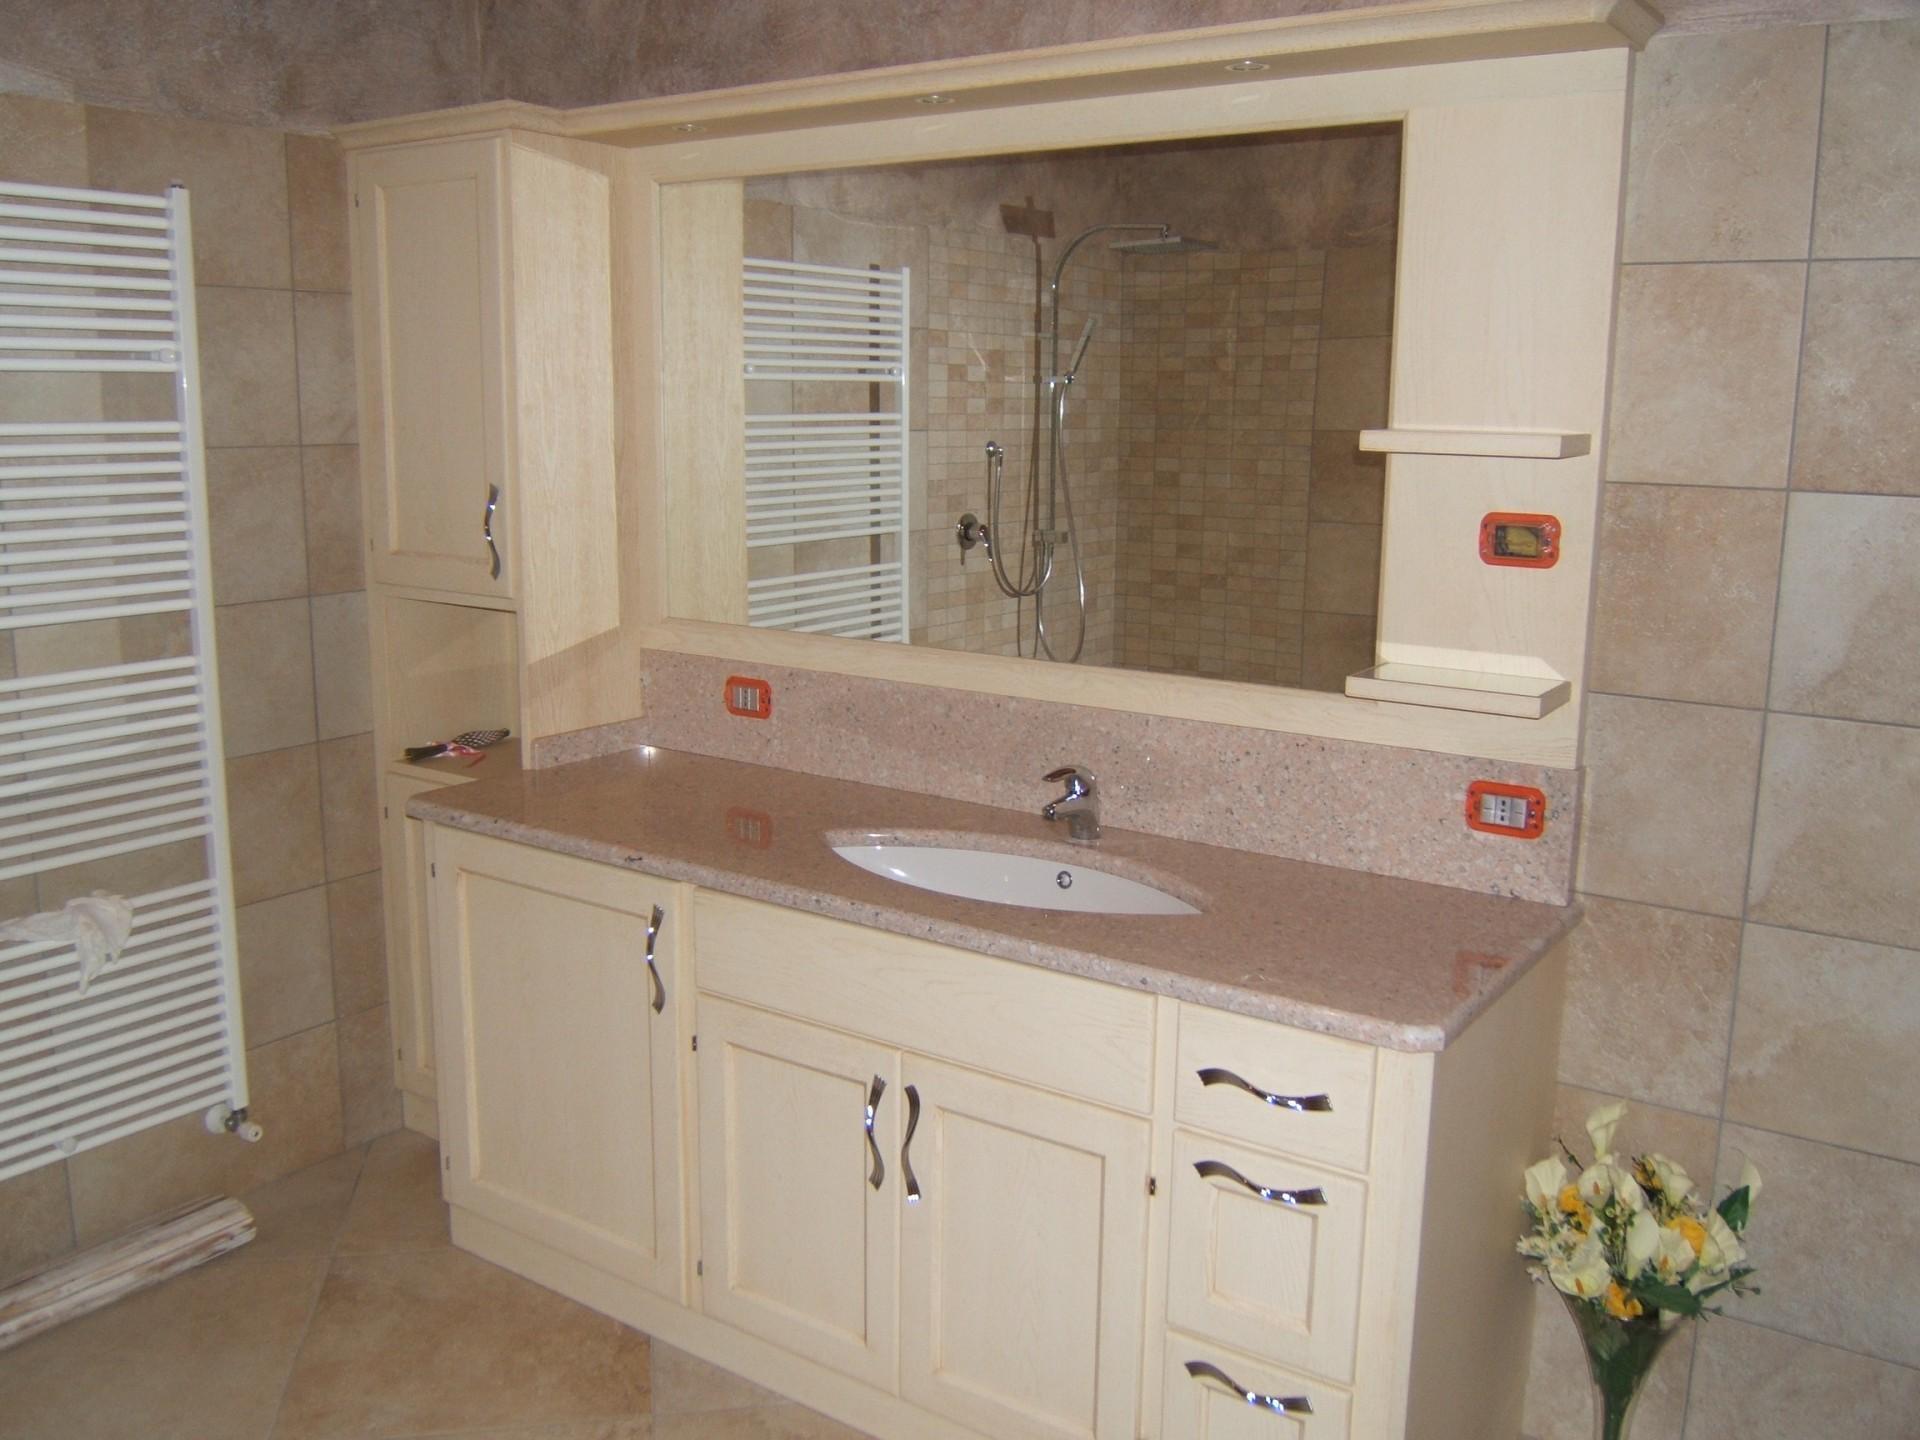 Mobili per bagno fadini mobili cerea verona - Lavabo in muratura per bagno ...